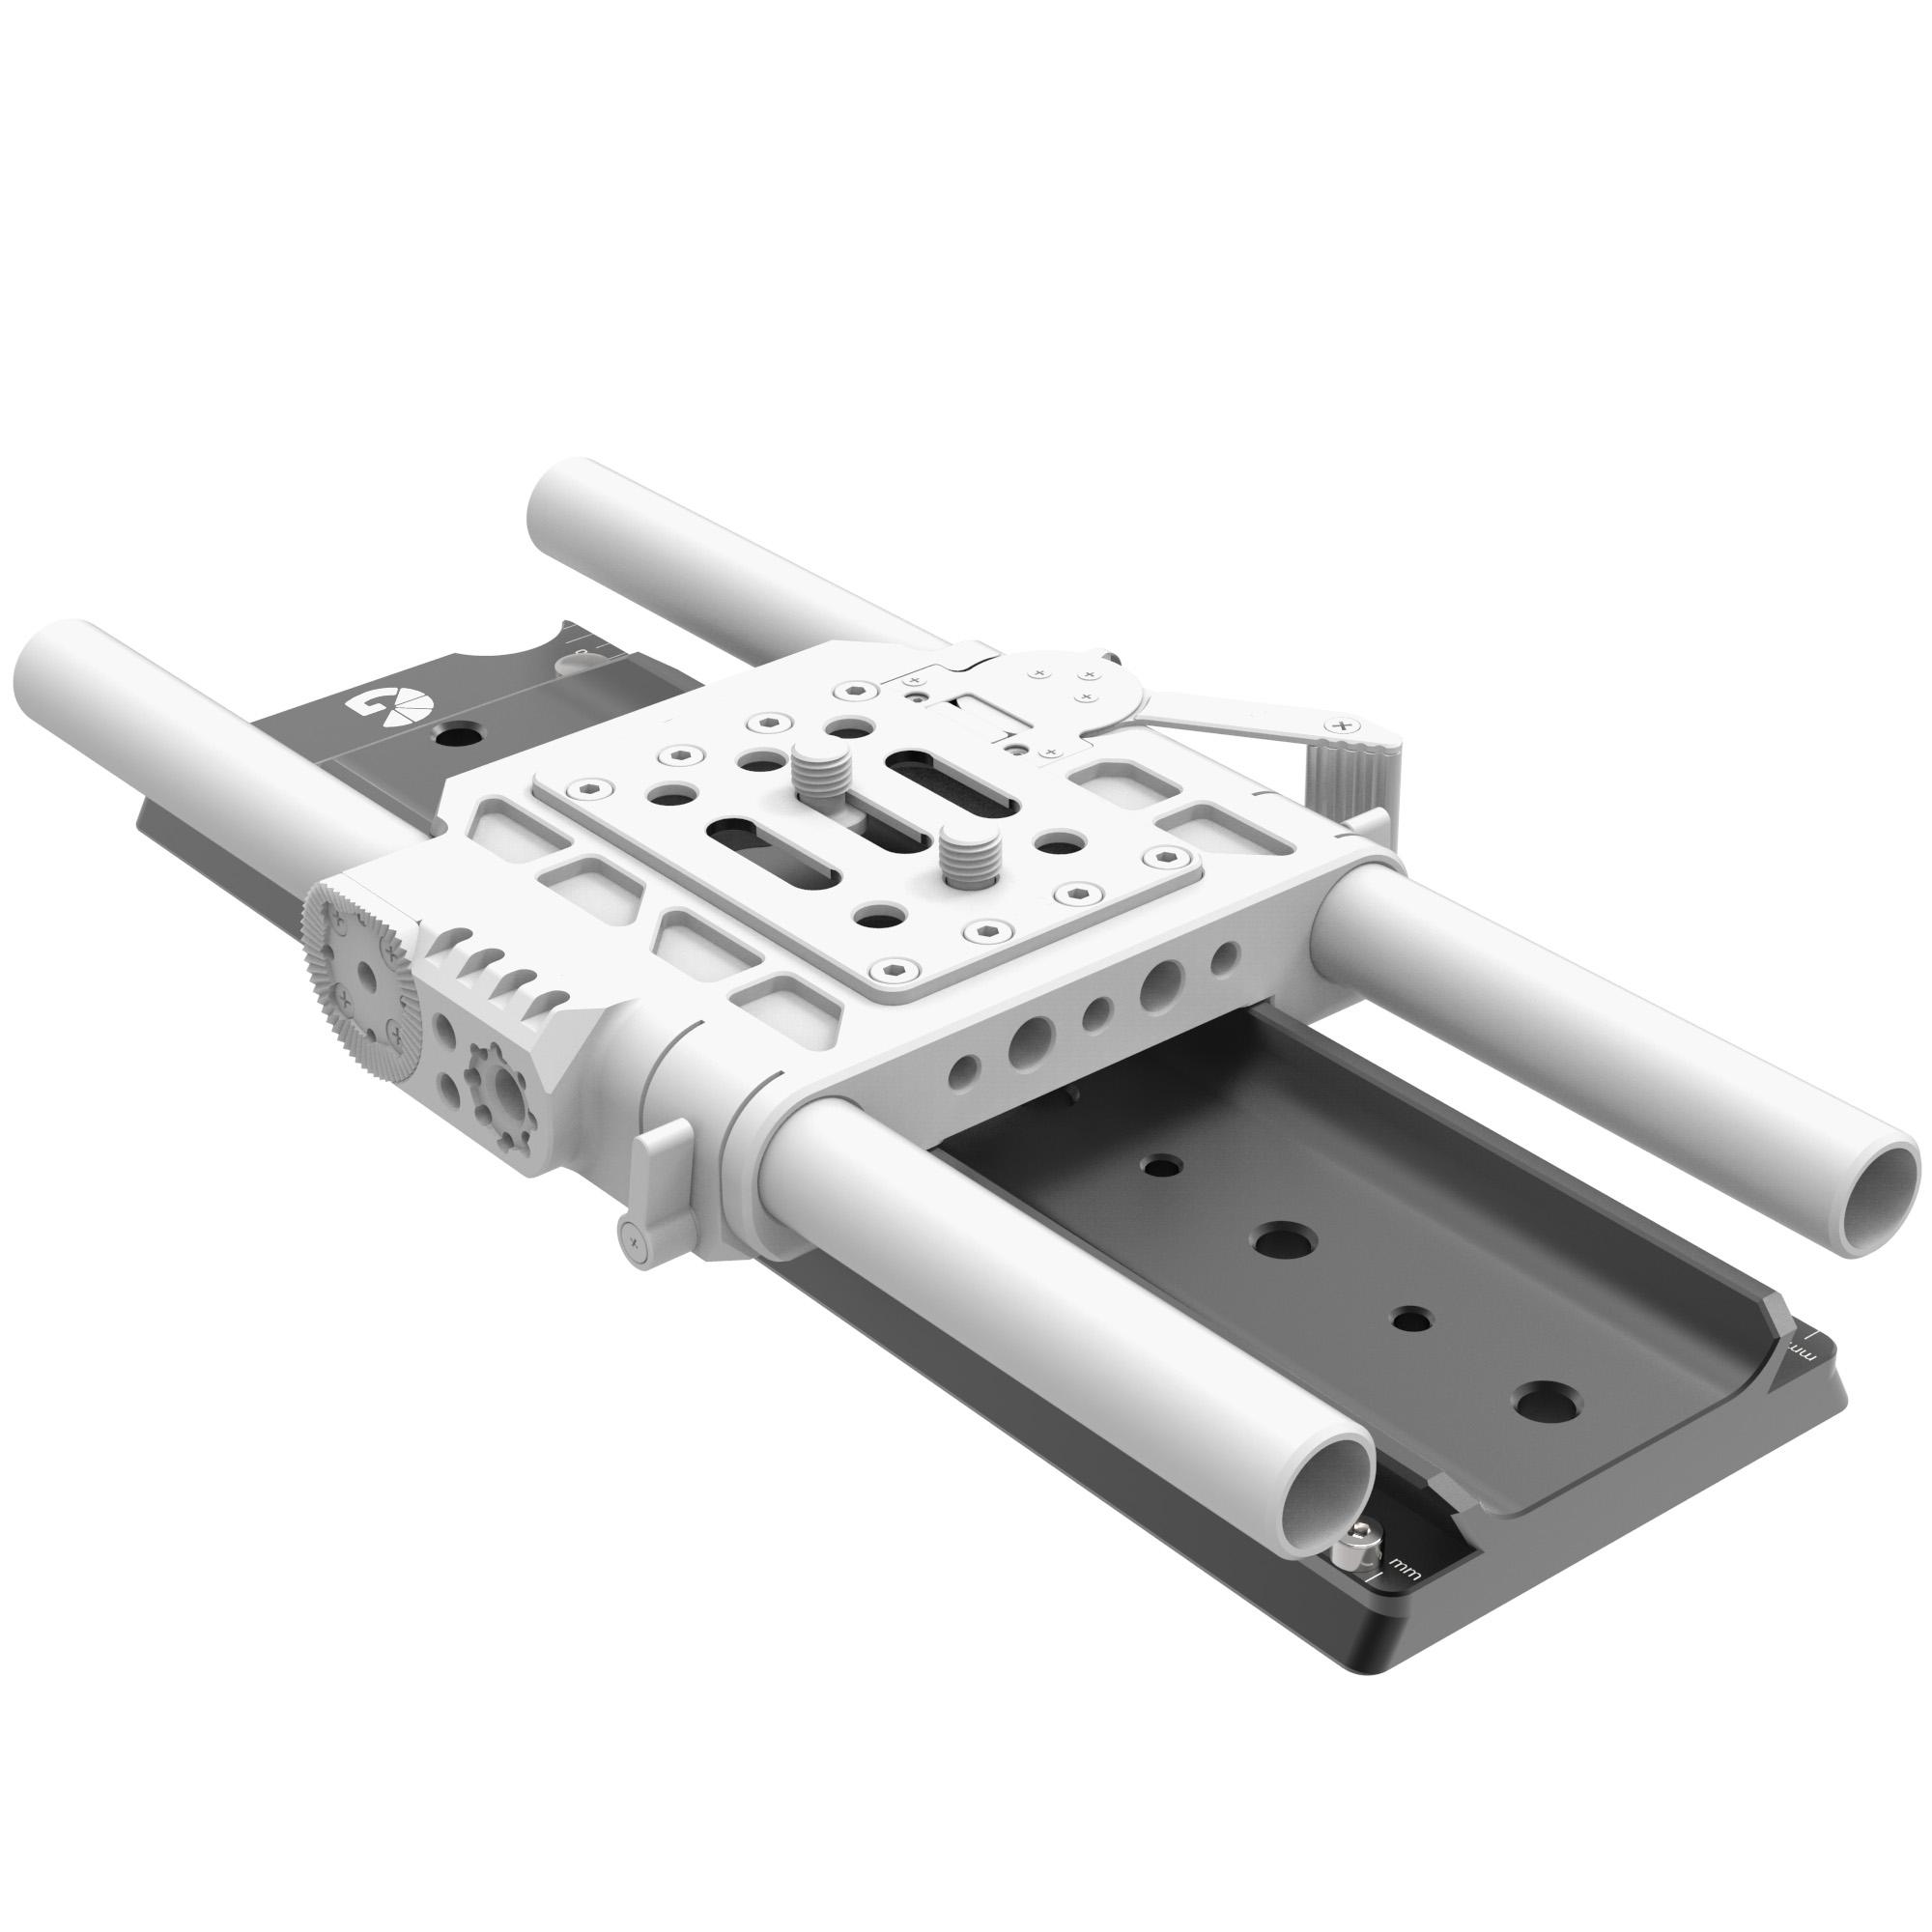 B4003.1009 ARRI Standard Dovetail 300mm 4